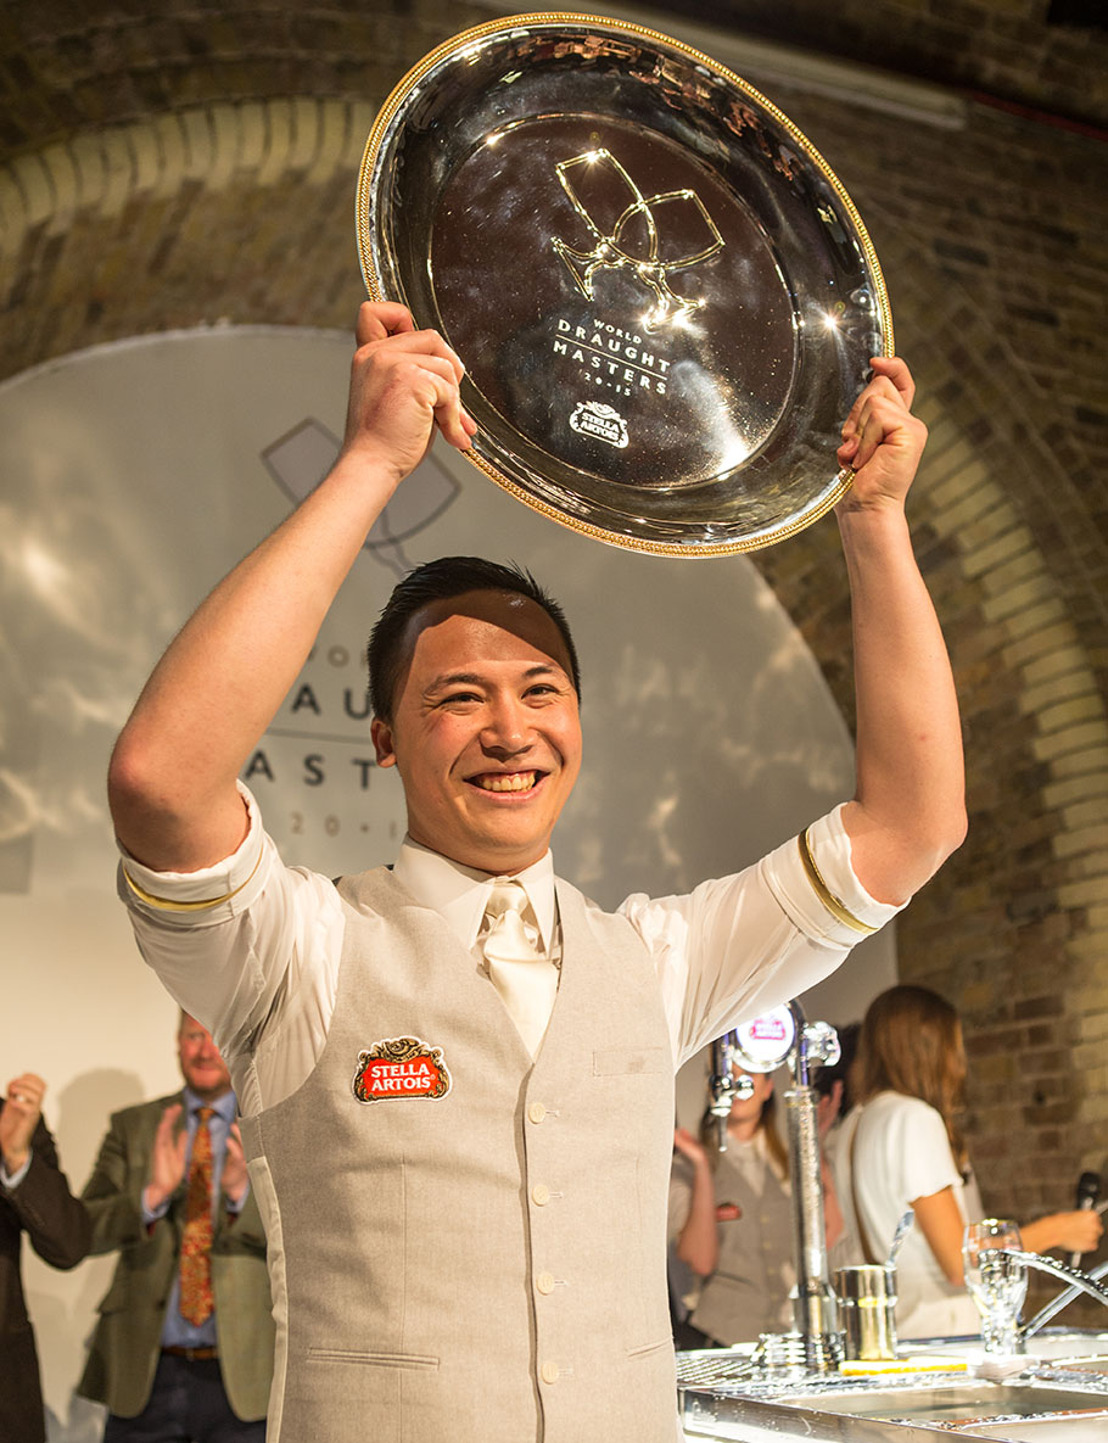 La Belgique remporte pour la troisième fois consécutive le titre de Champion du Monde de Serveur de bière